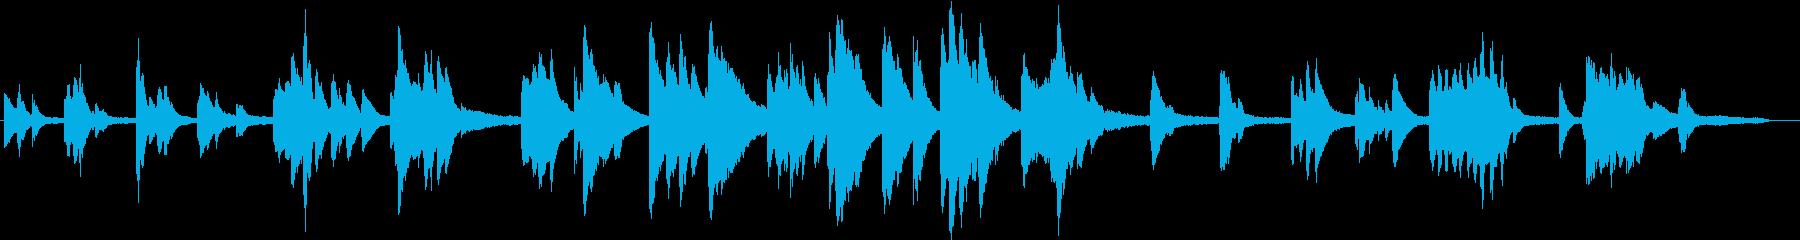 ゆったりとして、音数が少ないピアノの再生済みの波形